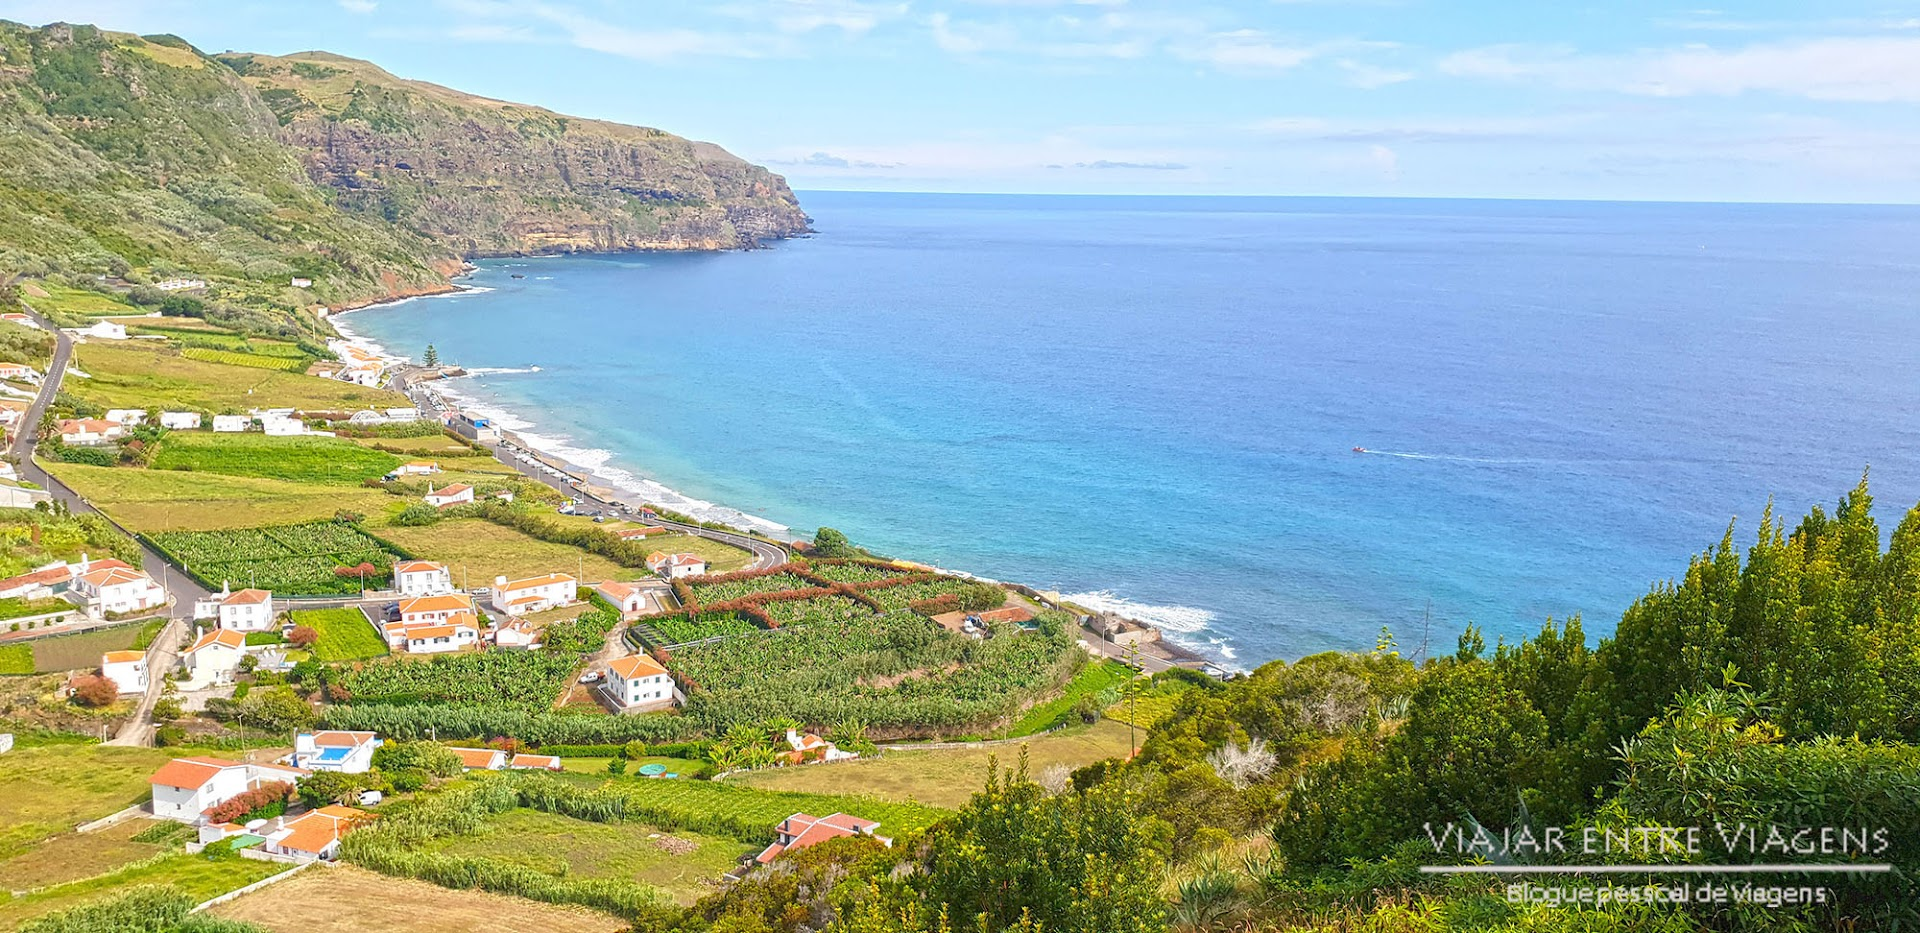 VISITAR SANTA MARIA - O segredo mais bem escondido dos Açores